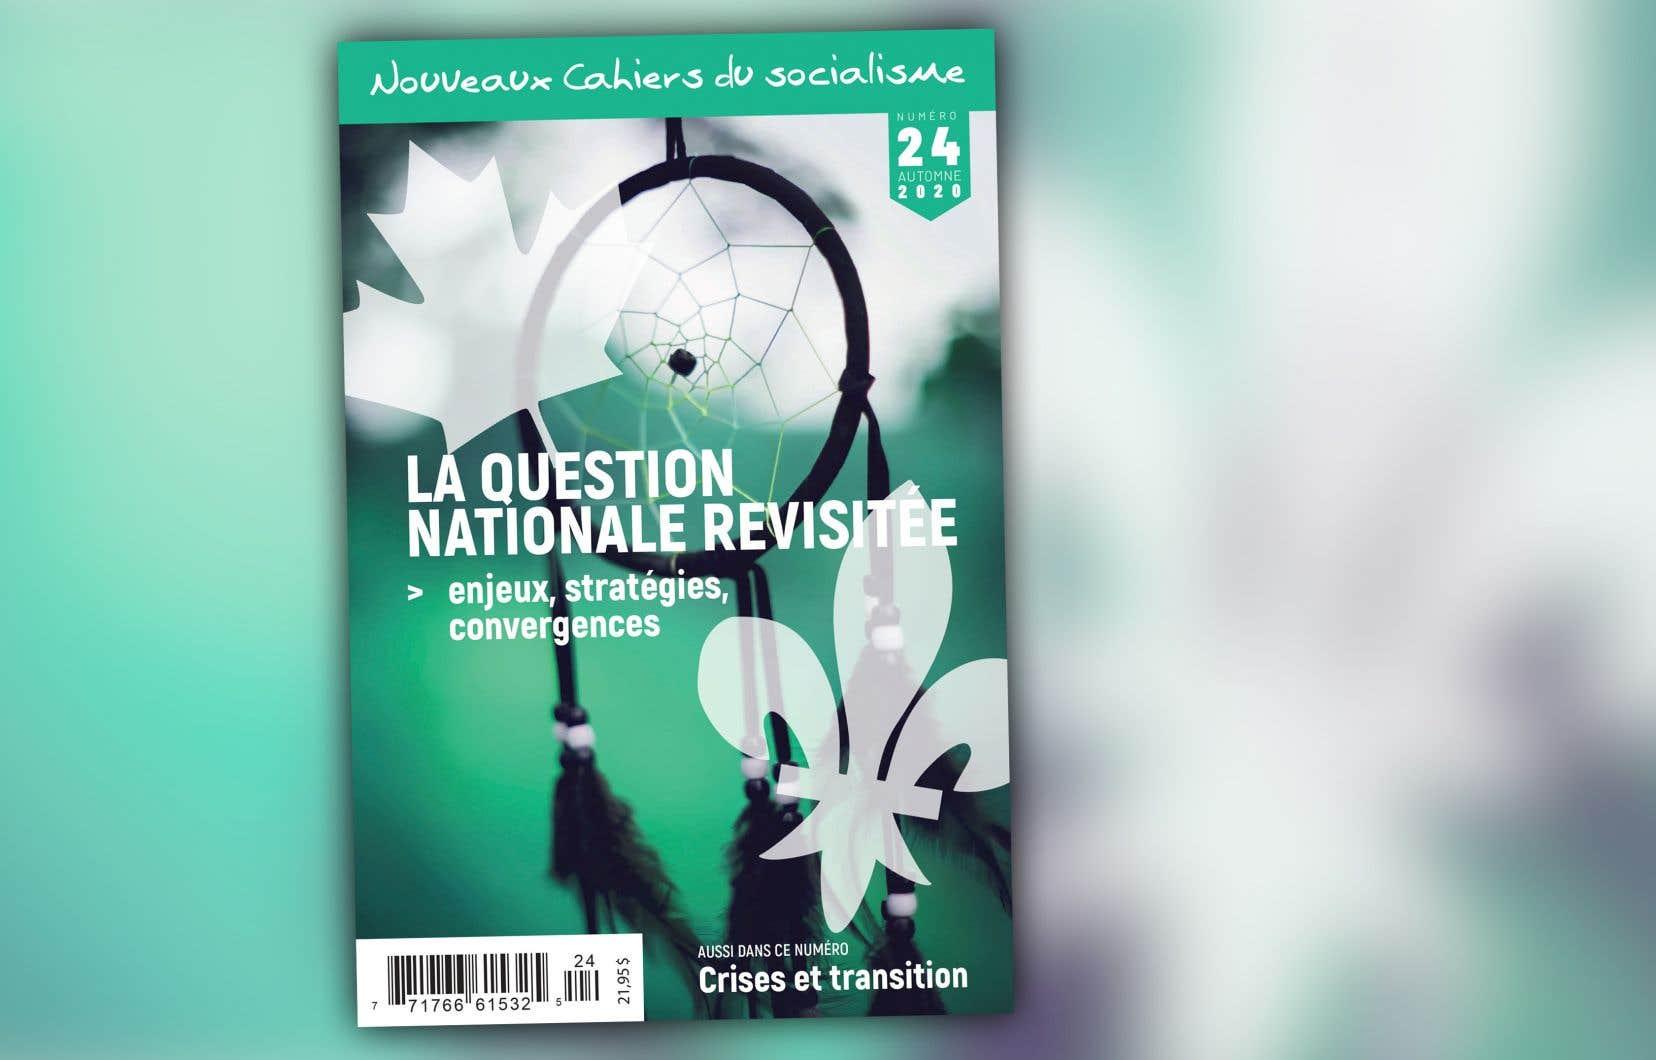 «Il faut que le projet national et démocratique rebâtisse des structures multilatérales de coopération», pense l'auteur.